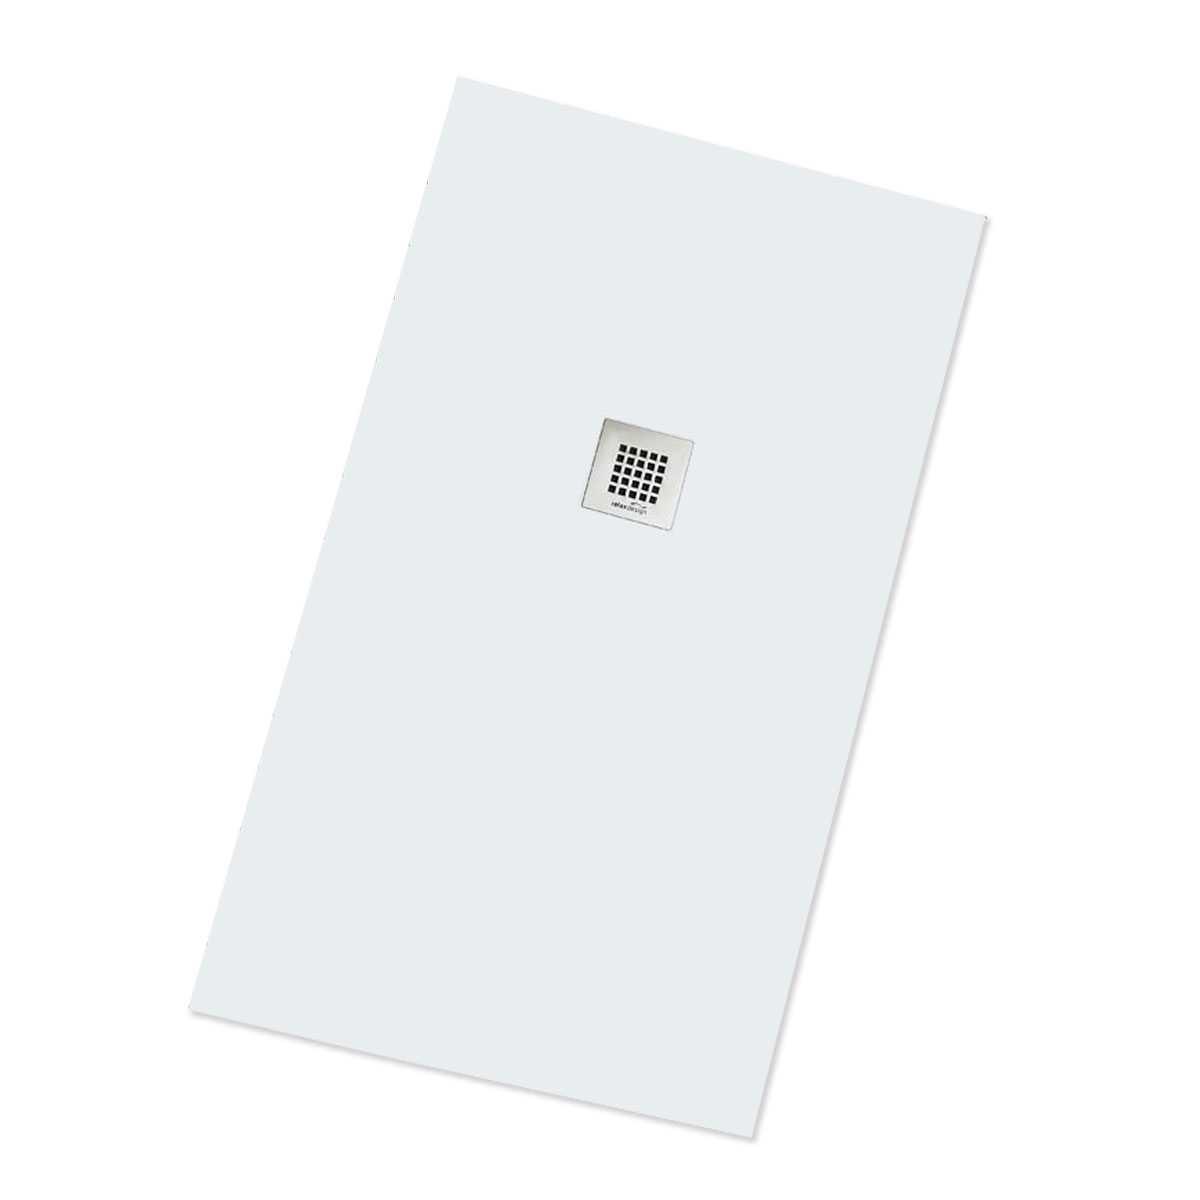 Piatto doccia ultrapiatto 70x170 colorato realizzato in solid surface con griglia inox  Rocky Solid